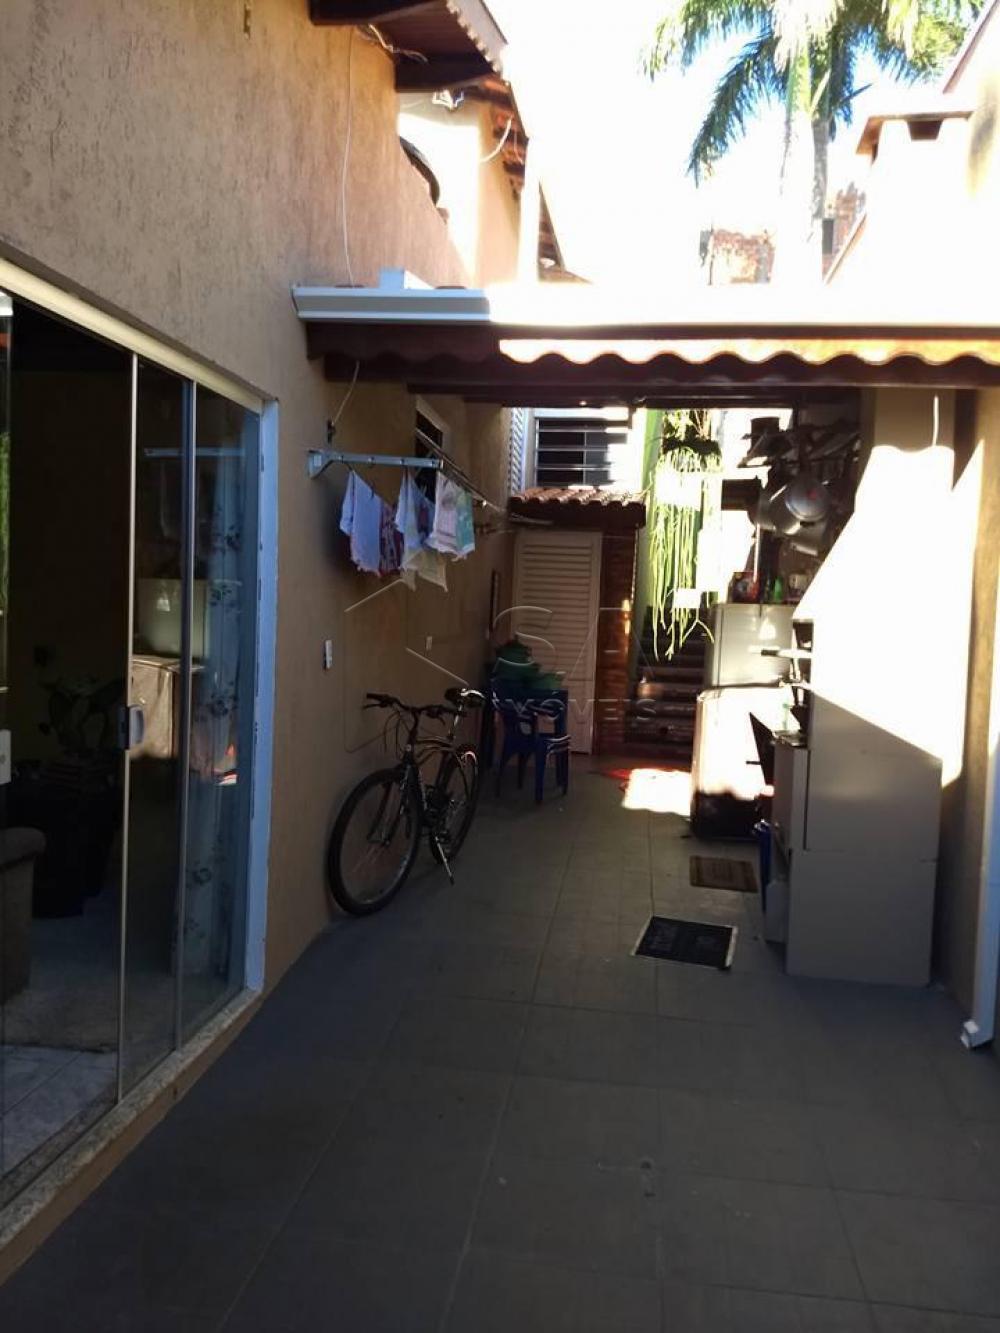 Comprar Casa / Padrão em Botucatu apenas R$ 370.000,00 - Foto 14